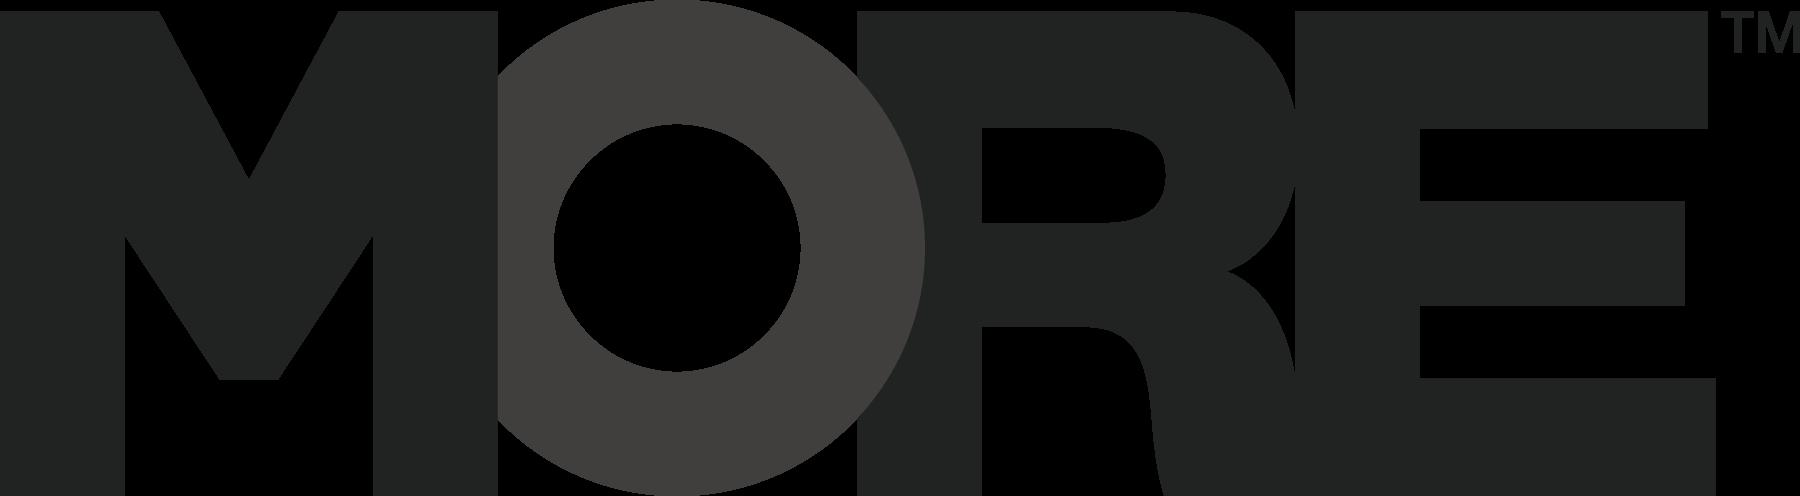 Q4i MORE logo TM